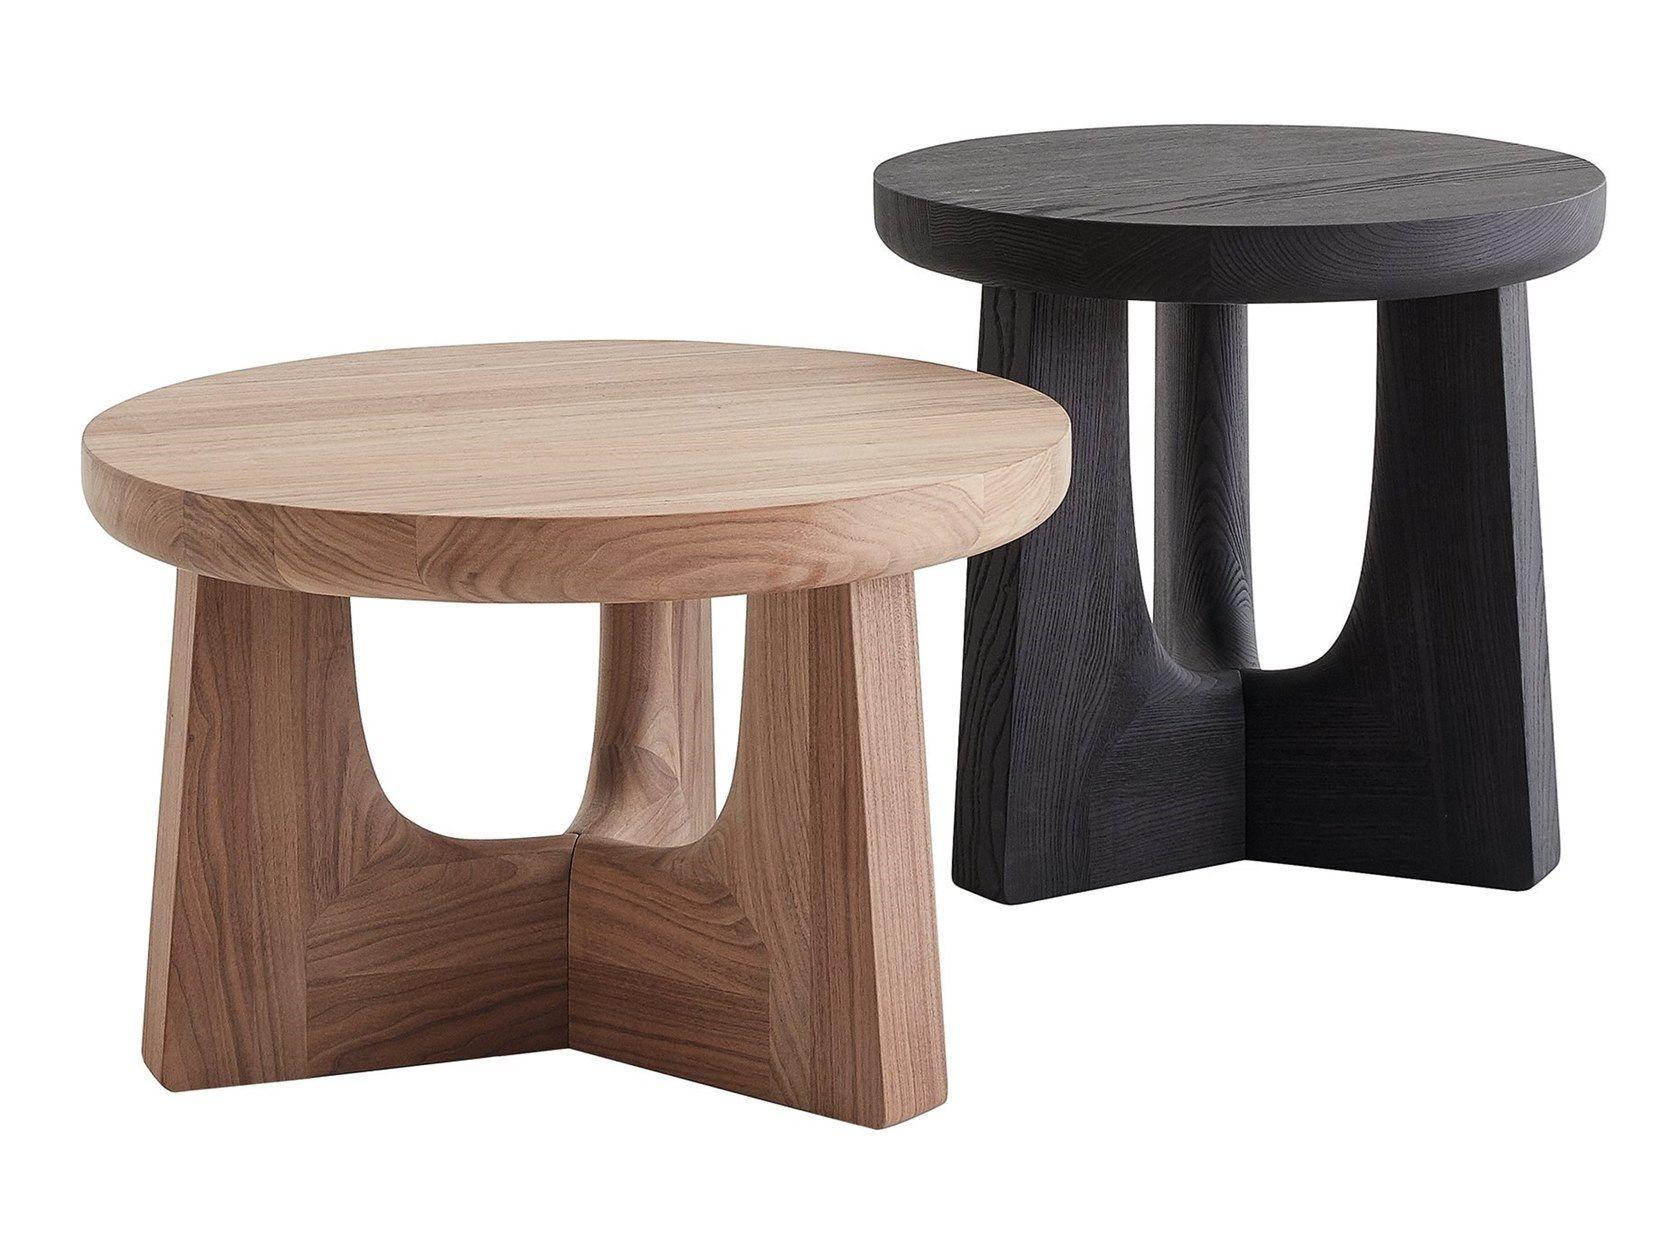 Round Wooden Coffee Table Nara By Poliform Banquinhos De Madeira Moveis Madeira Macica Moveis De Madeira Reciclada [ 1260 x 1680 Pixel ]